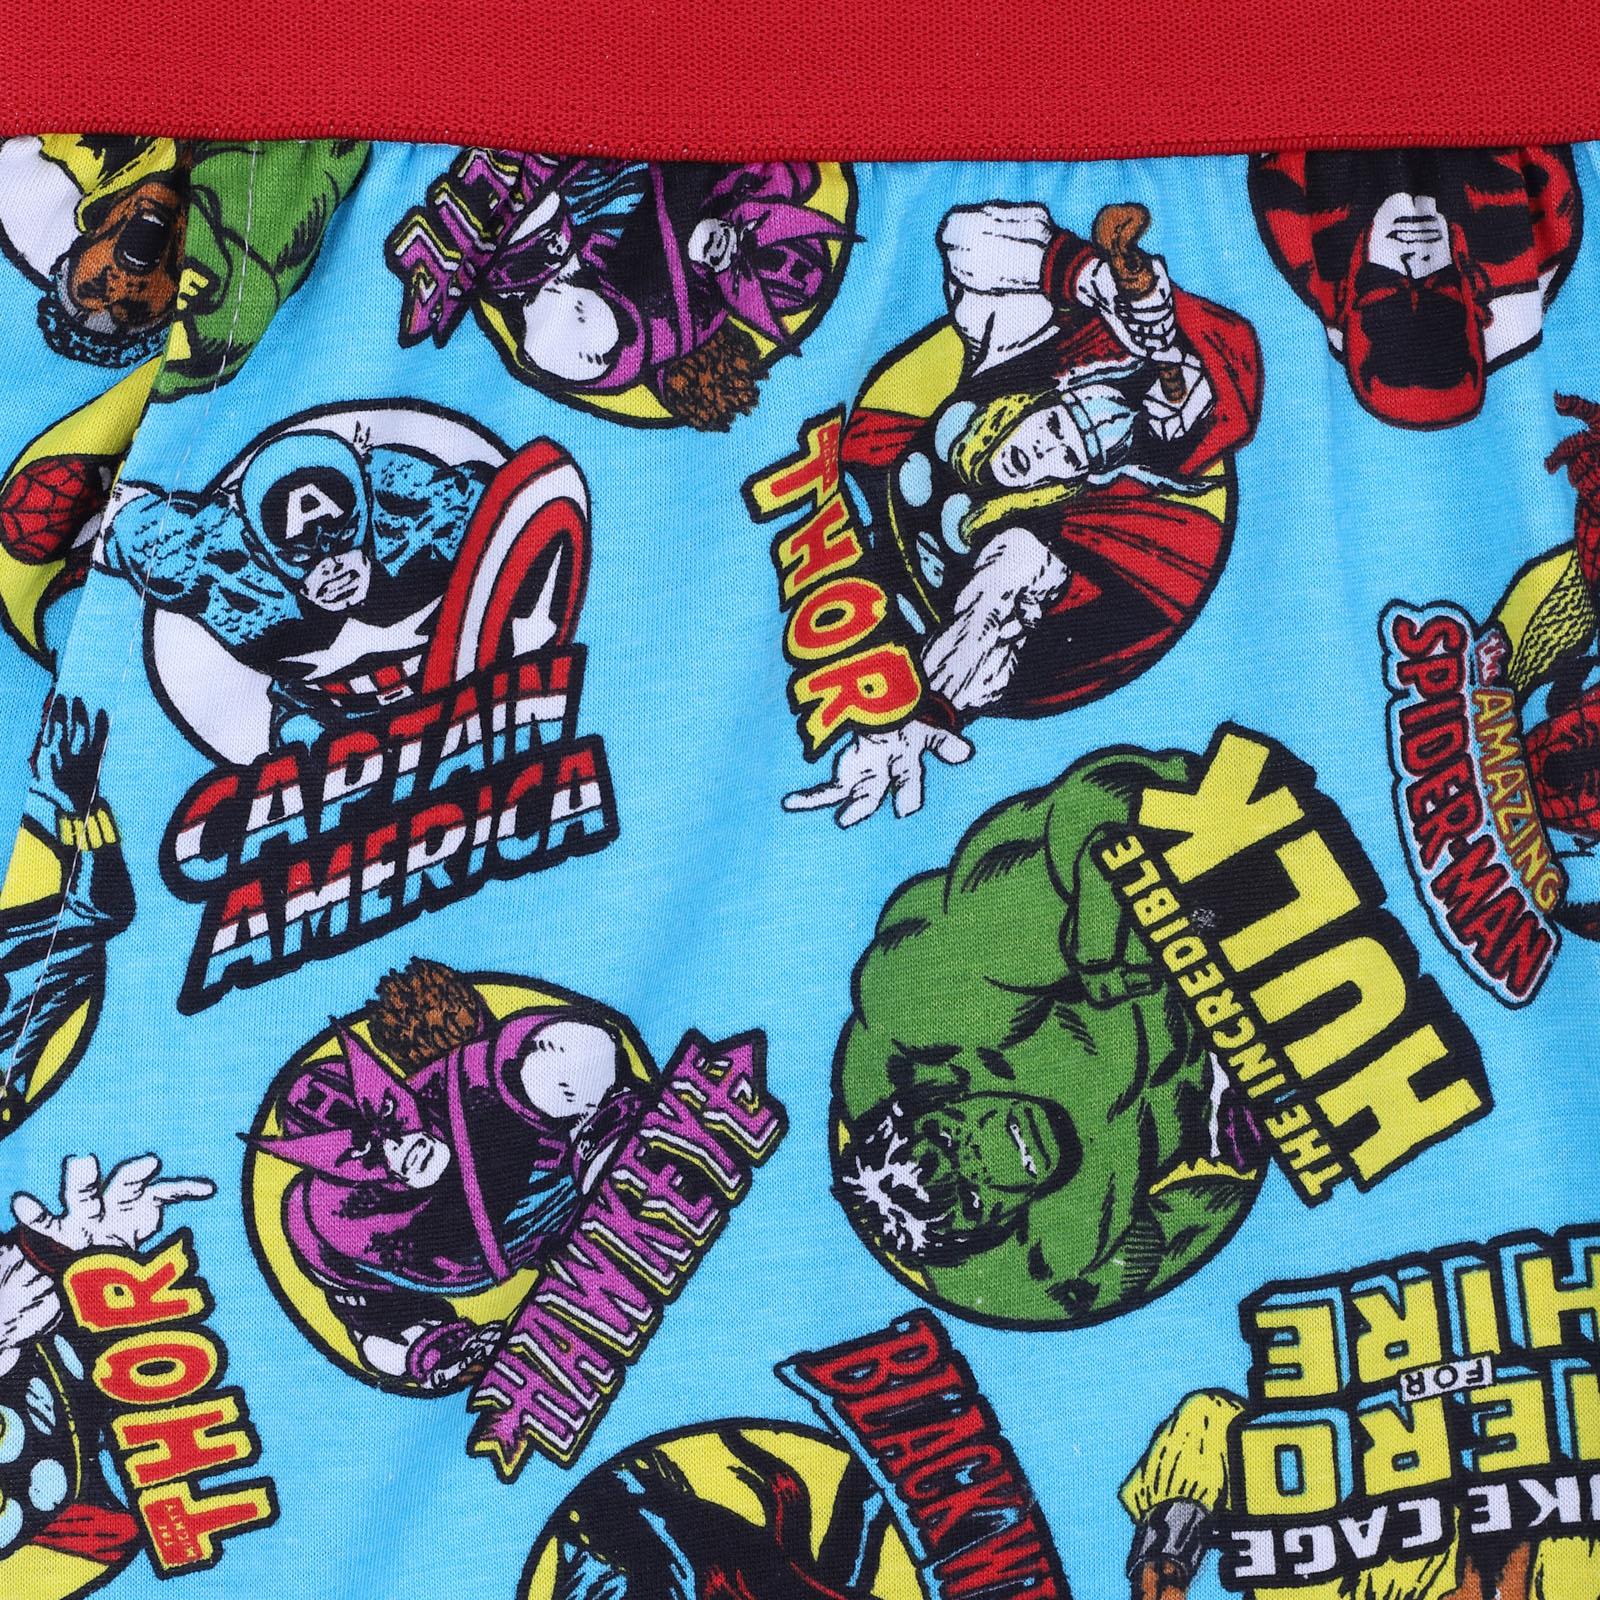 con Stampa Frontale Art 46302 Marvel Pigiama Bambino Estivo Spider-Man Corto in Cotone